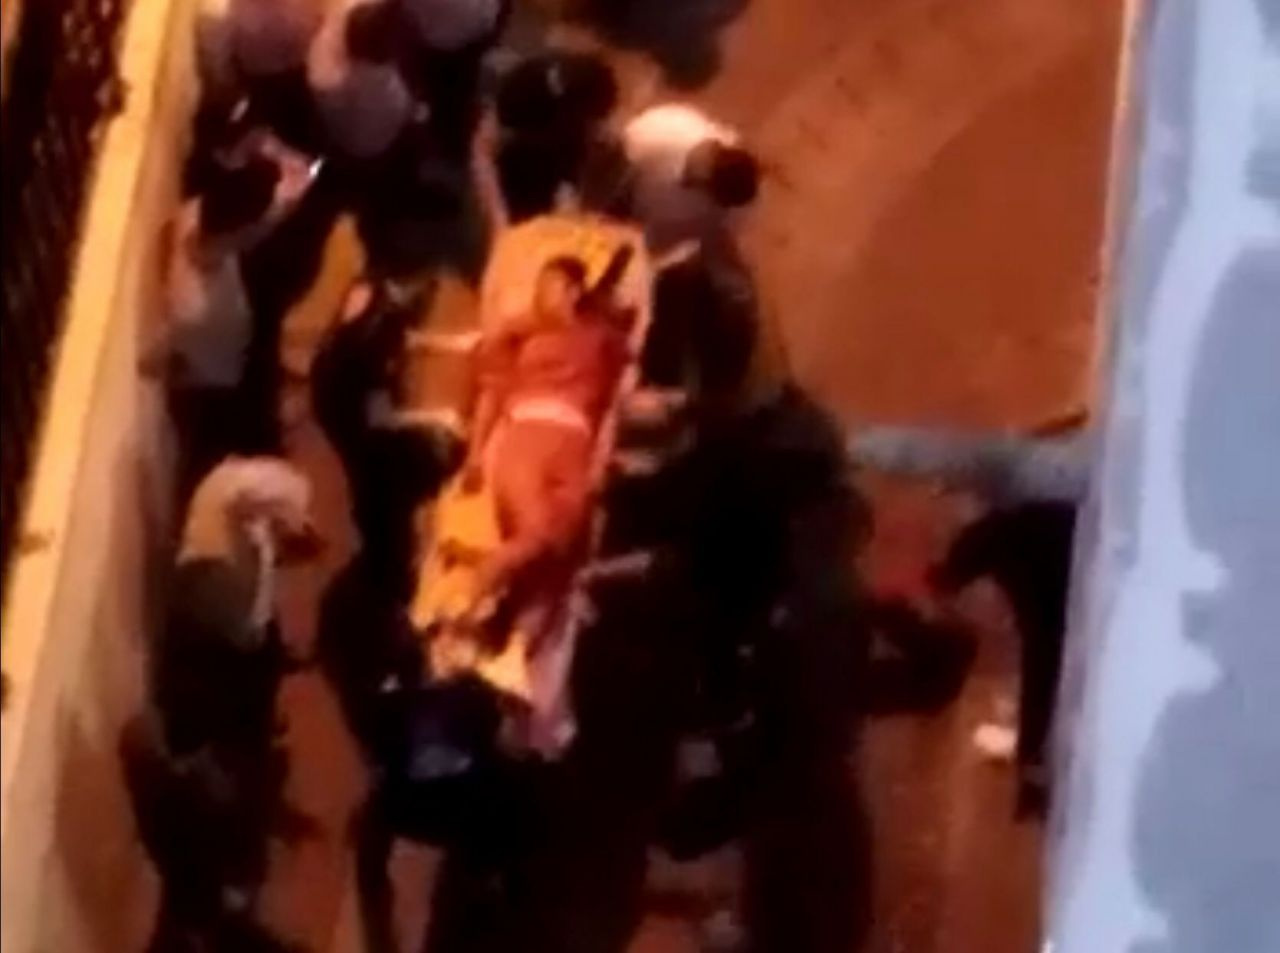 Zeytinburnu'nda vahşet! Eski kocası tarafından sokak ortasında öldürüldü